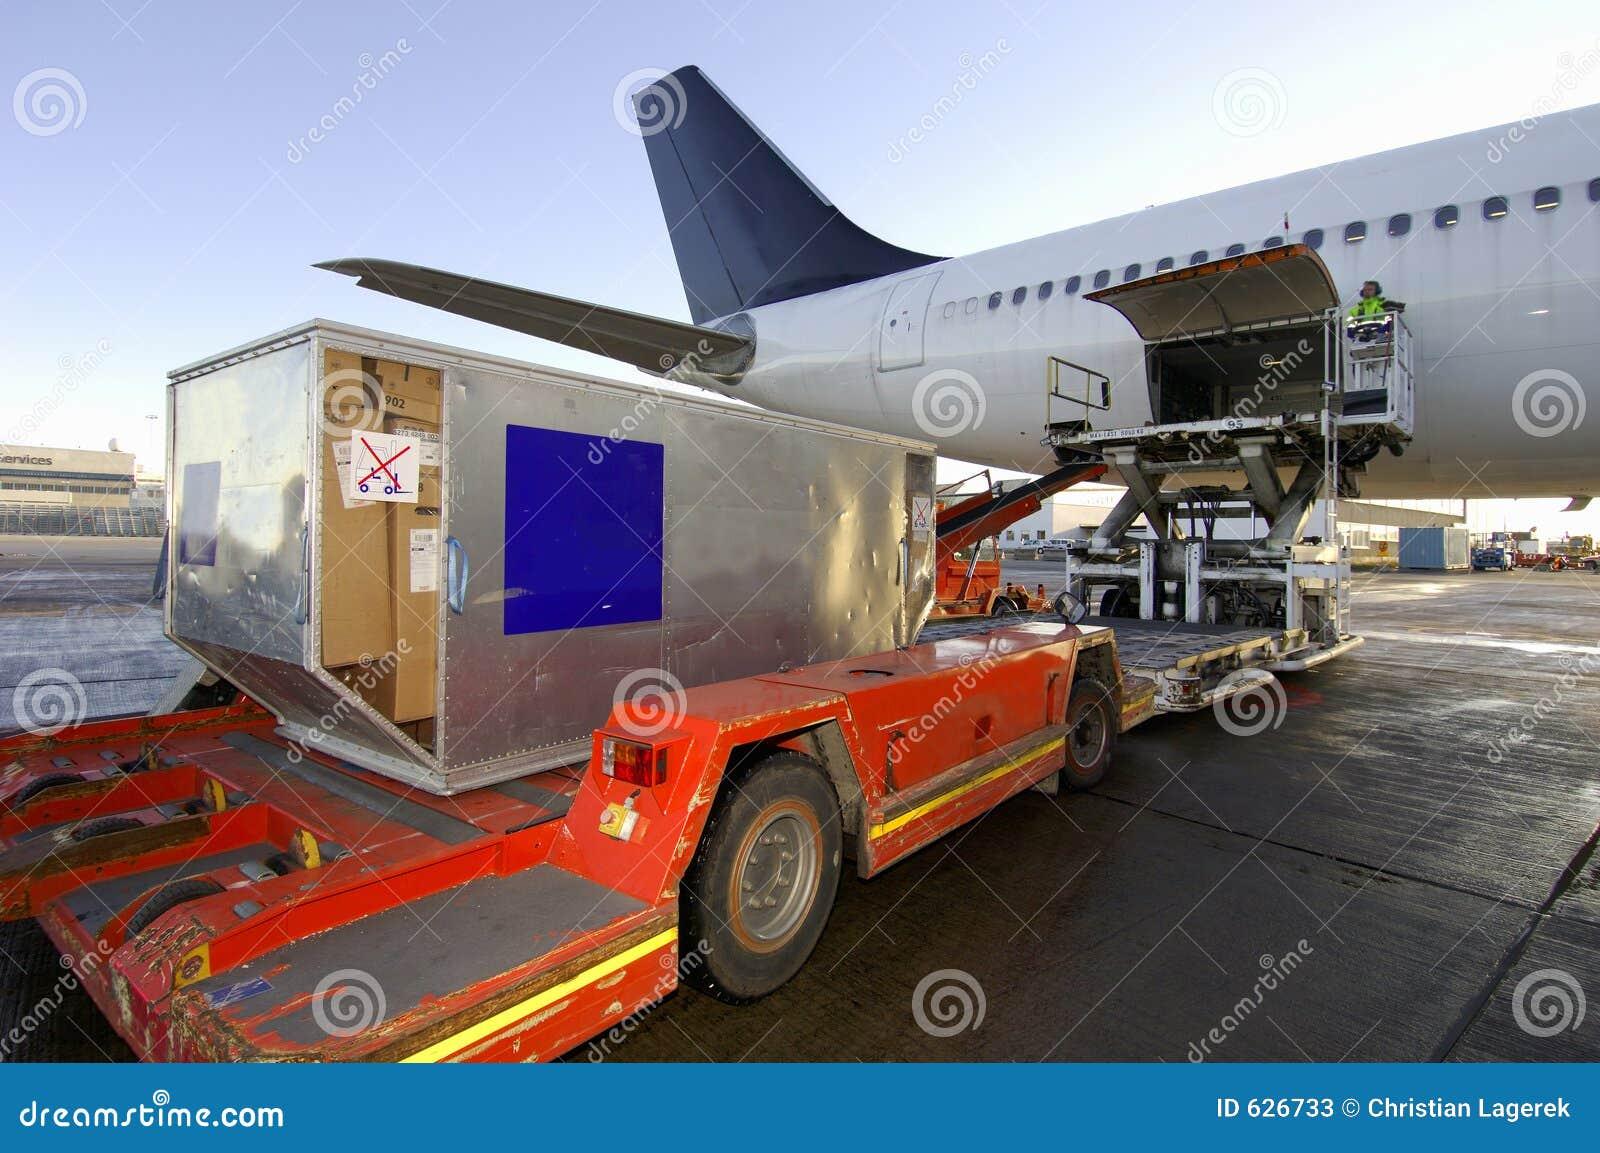 Stock Photo - PhotoDune Loading cargo plane 472908 ...